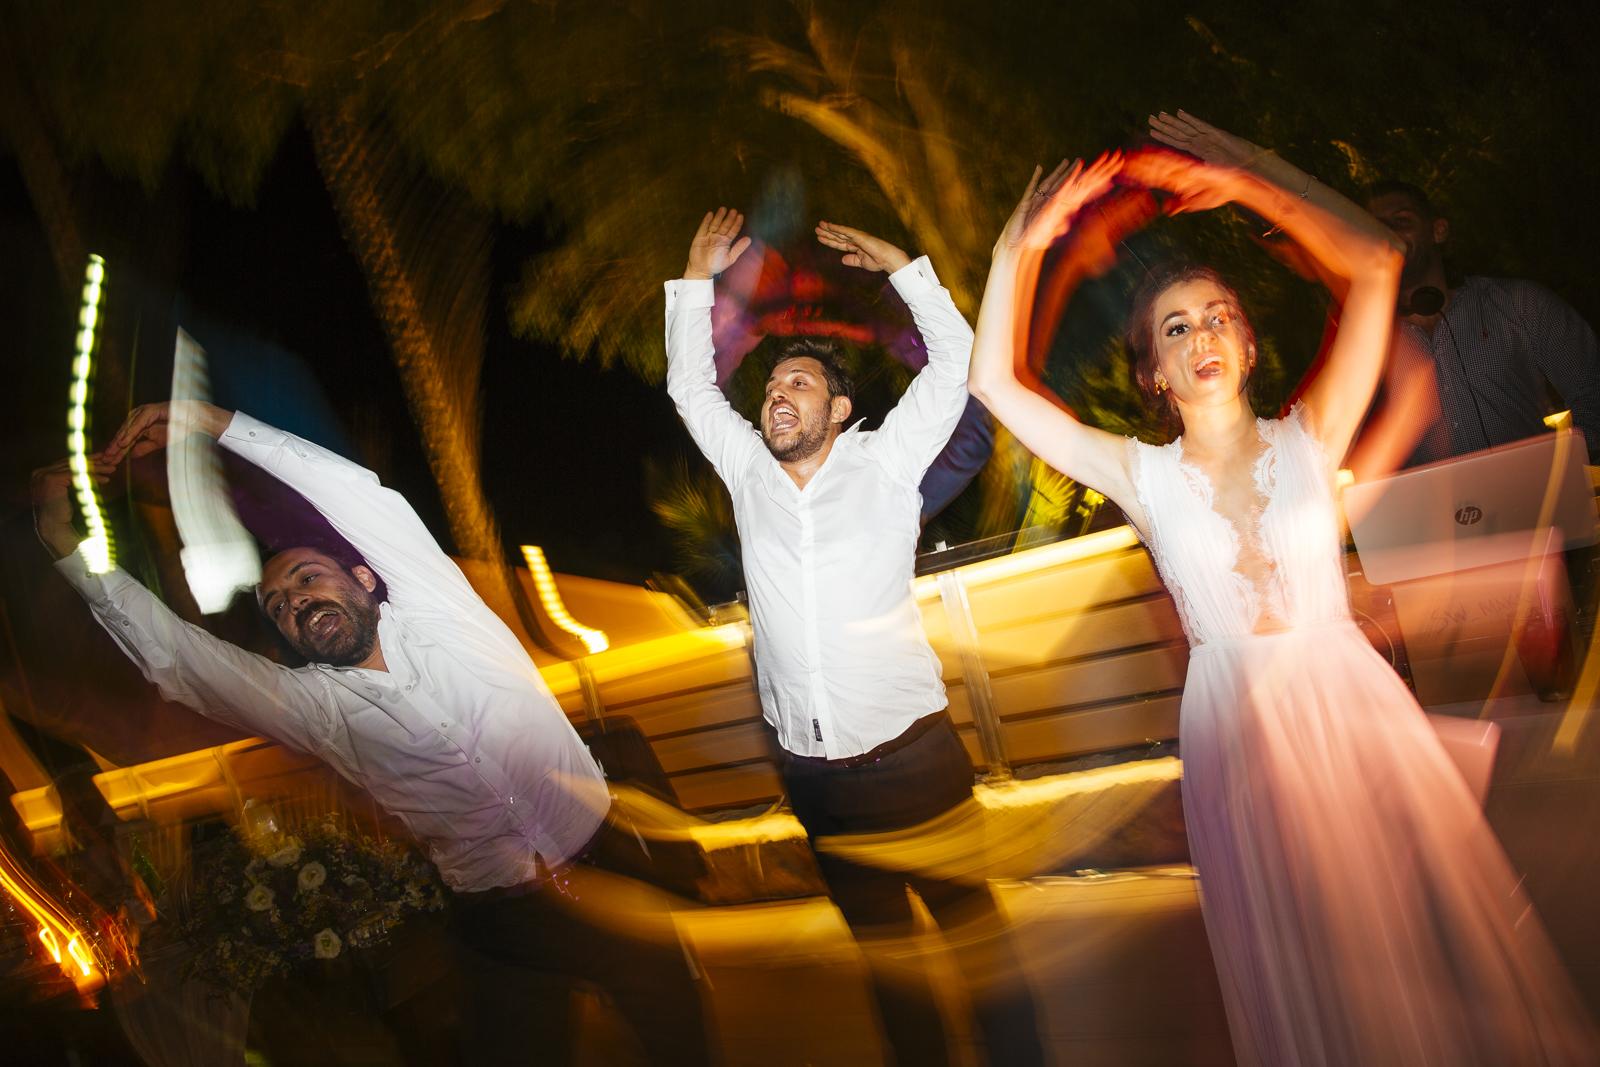 γαμος μονεμβασια φωτογραφιες (12).jpg